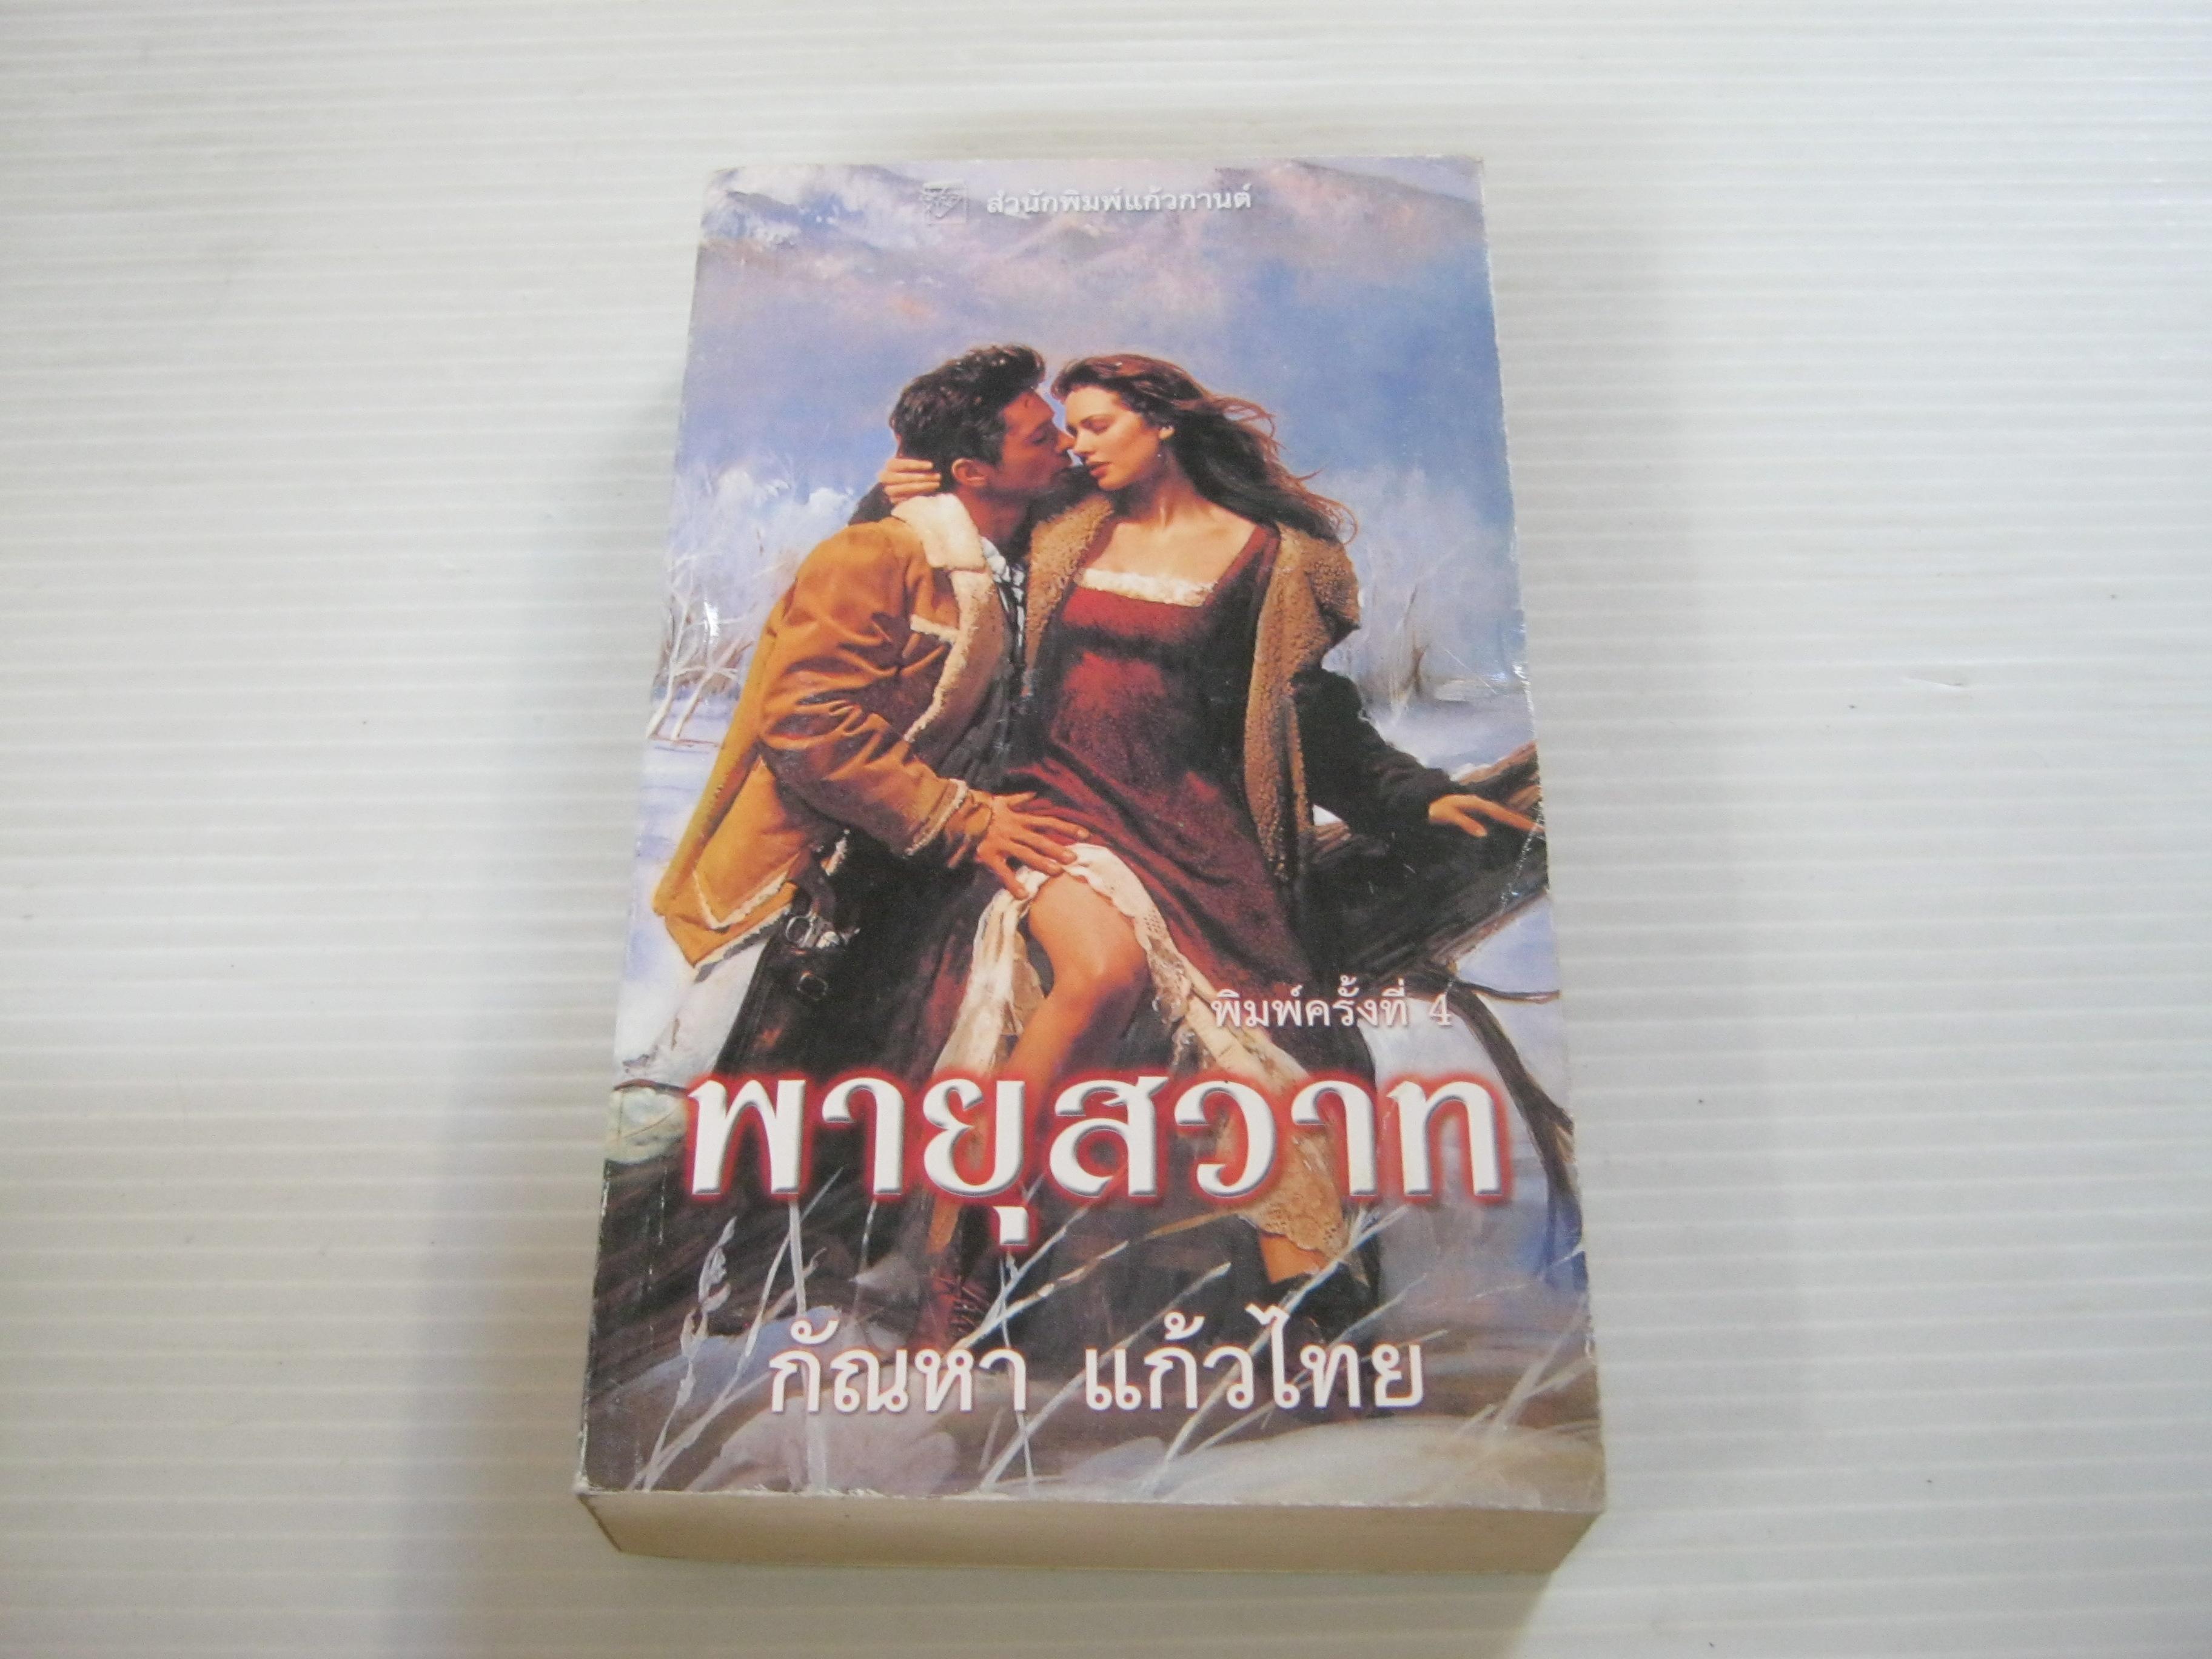 พายุสวาท (Stormy Vows) / ทะเลรัก (Tempest at Sea) พิมพ์ครั้งที่ 4 ไอริส โจแฮนเซ่น เขียน กัณหา แก้วไทย แปล